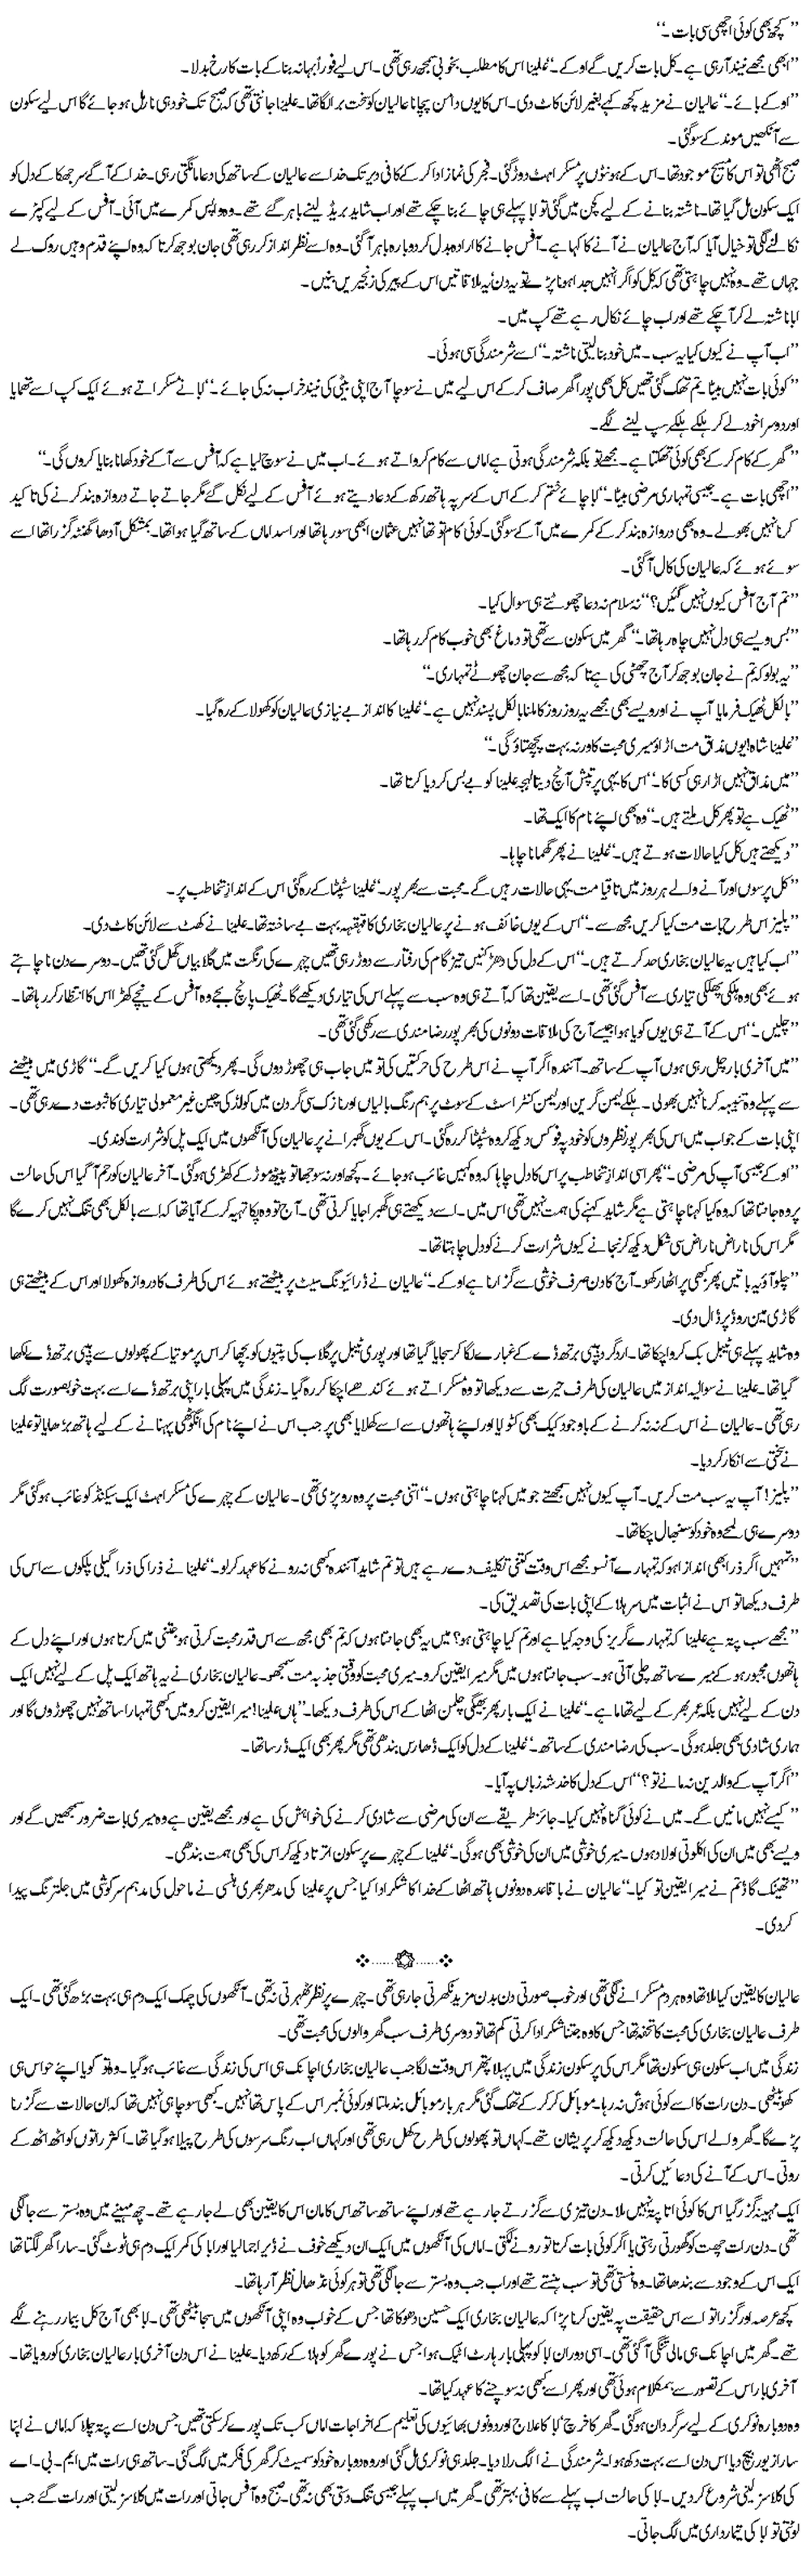 dareecha e dil novel by shazia choudhry